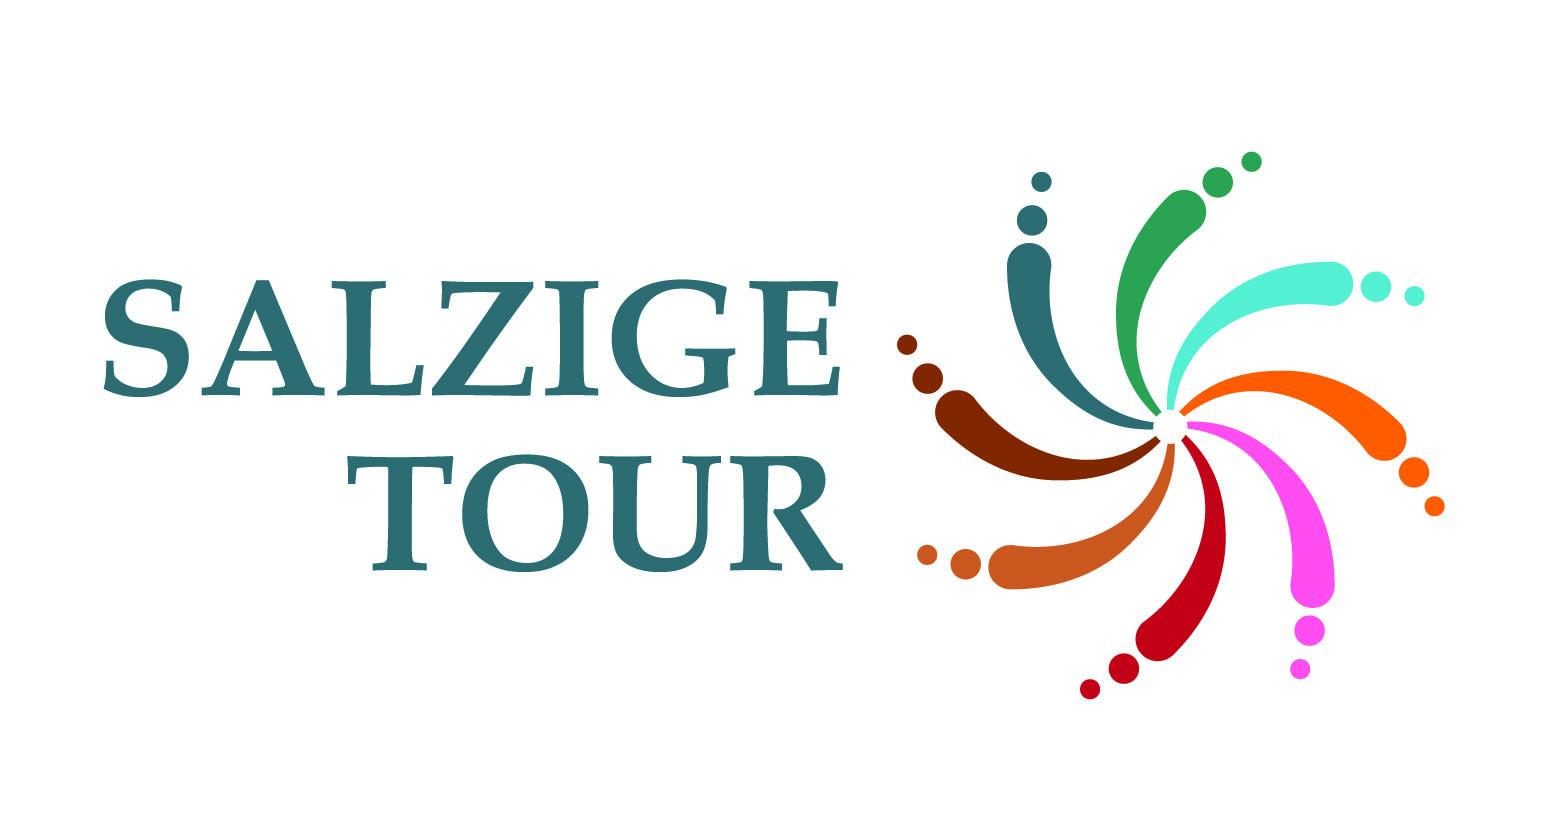 Salzige Tour rund um Magdeburg